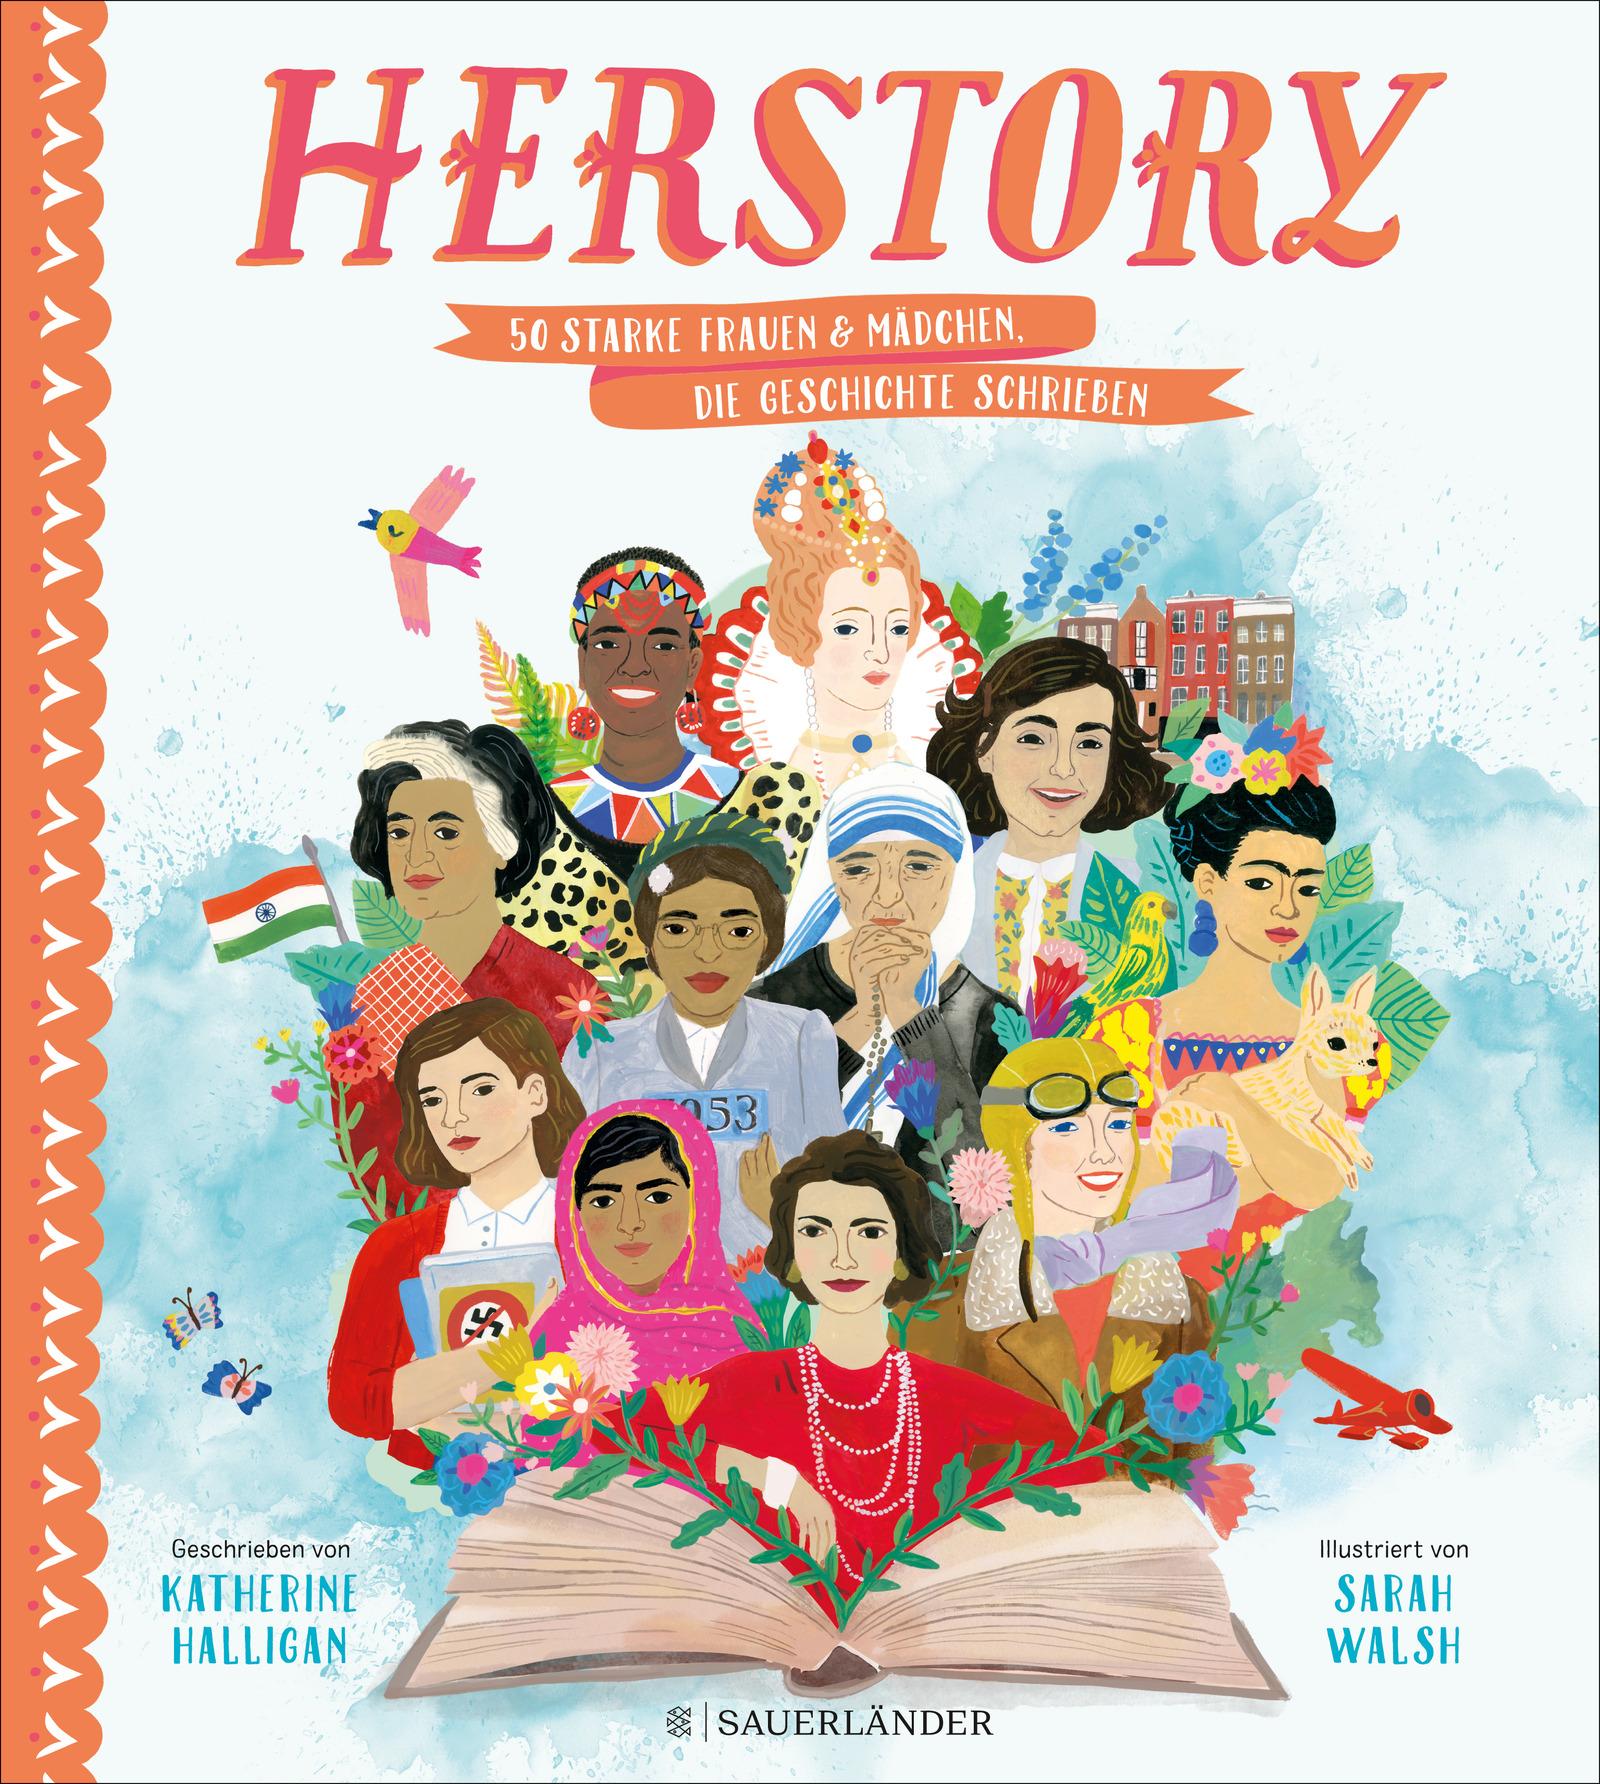 Her Story - 50 starke Frauen & Mädchen, die Geschichte schrieben Book Cover